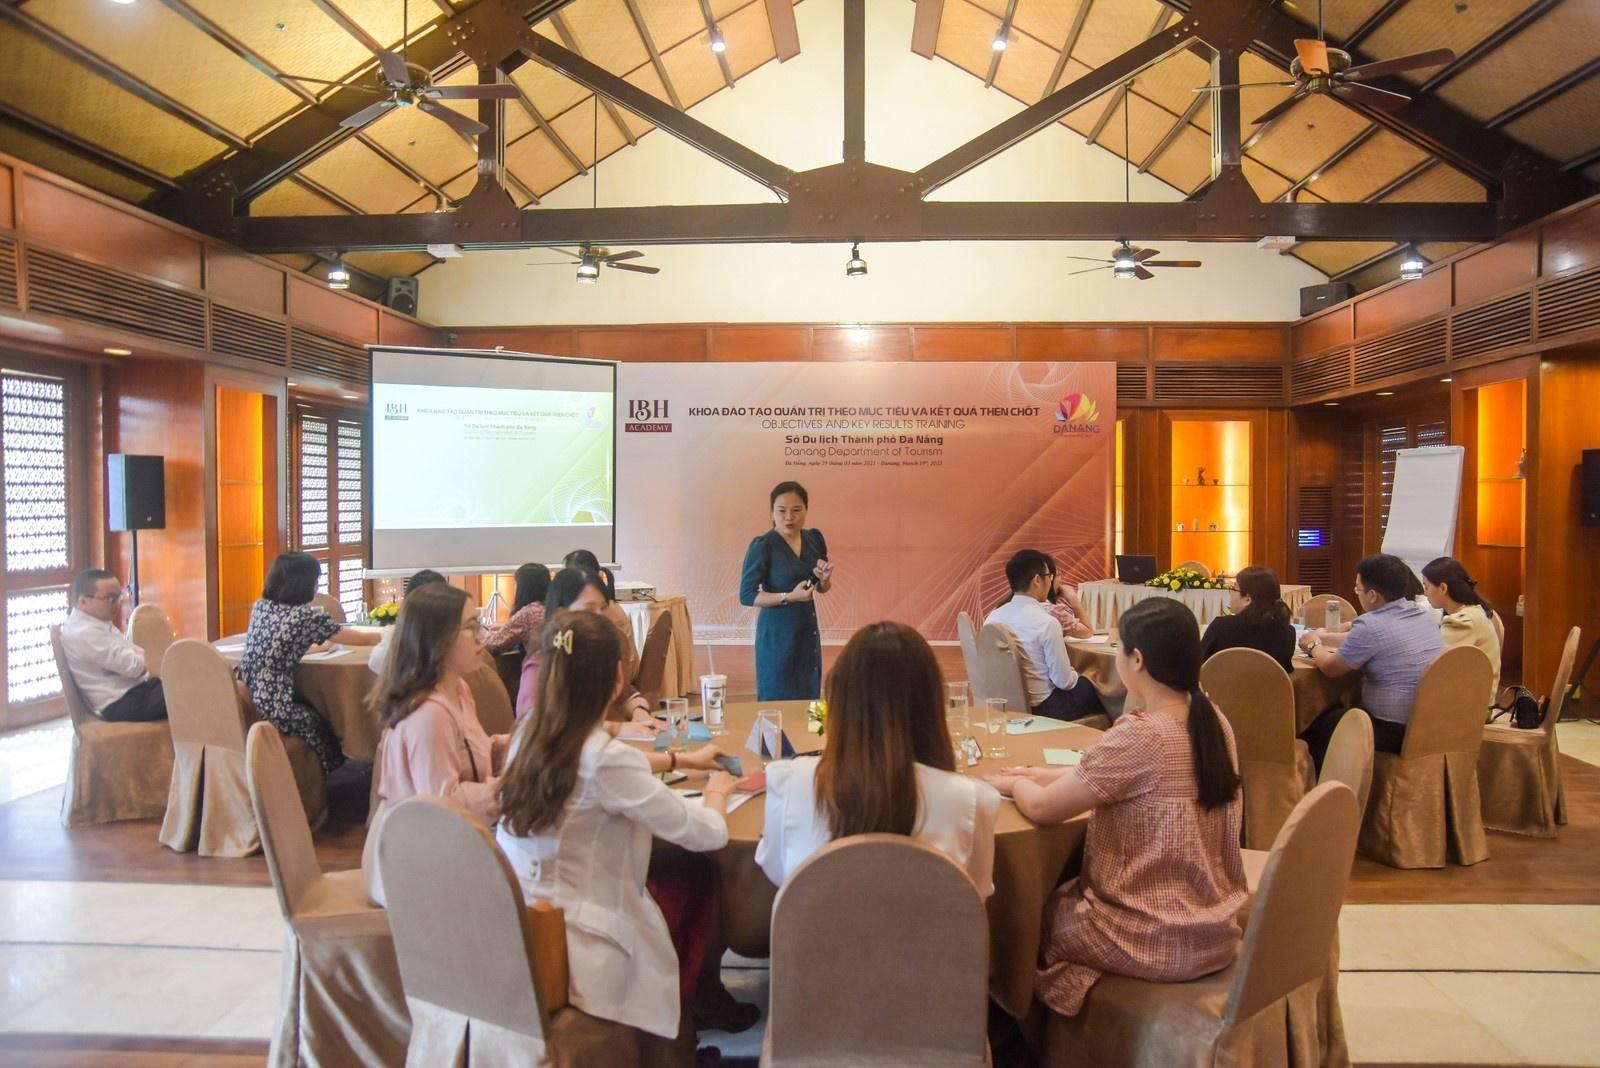 Học viện Đào tạo IBH hoàn thành nhiều khóa học nâng cao kiến thức, nghiệp vụ ngành du lịch